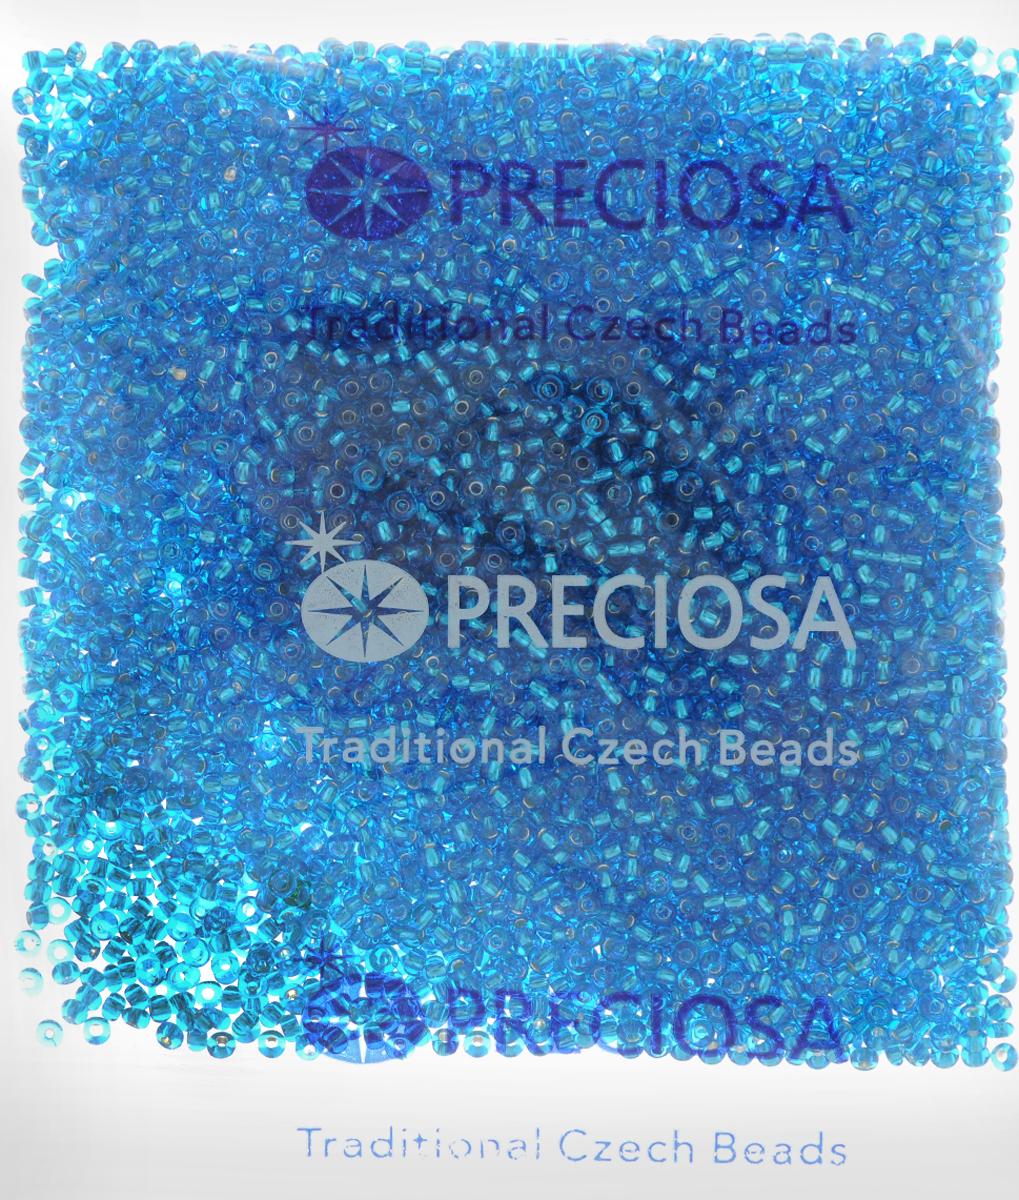 Бисер Preciosa Ассорти, с серебристой серединой, цвет: темно-голубой (10), 10/0, 50 г163142_10_темно-голубойБисер Preciosa Ассорти, изготовленный из прозрачного стекла круглой формы с серебристой серединой, позволит вам своими руками создать оригинальные ожерелья, бусы или браслеты, а также заняться вышиванием. В бисероплетении часто используют бисер разных размеров и цветов. Он идеально подойдет для вышивания на предметах быта и женской одежде. Изготовление украшений - занимательное хобби и реализация творческих способностей рукодельницы, это возможность создания неповторимого индивидуального подарка.